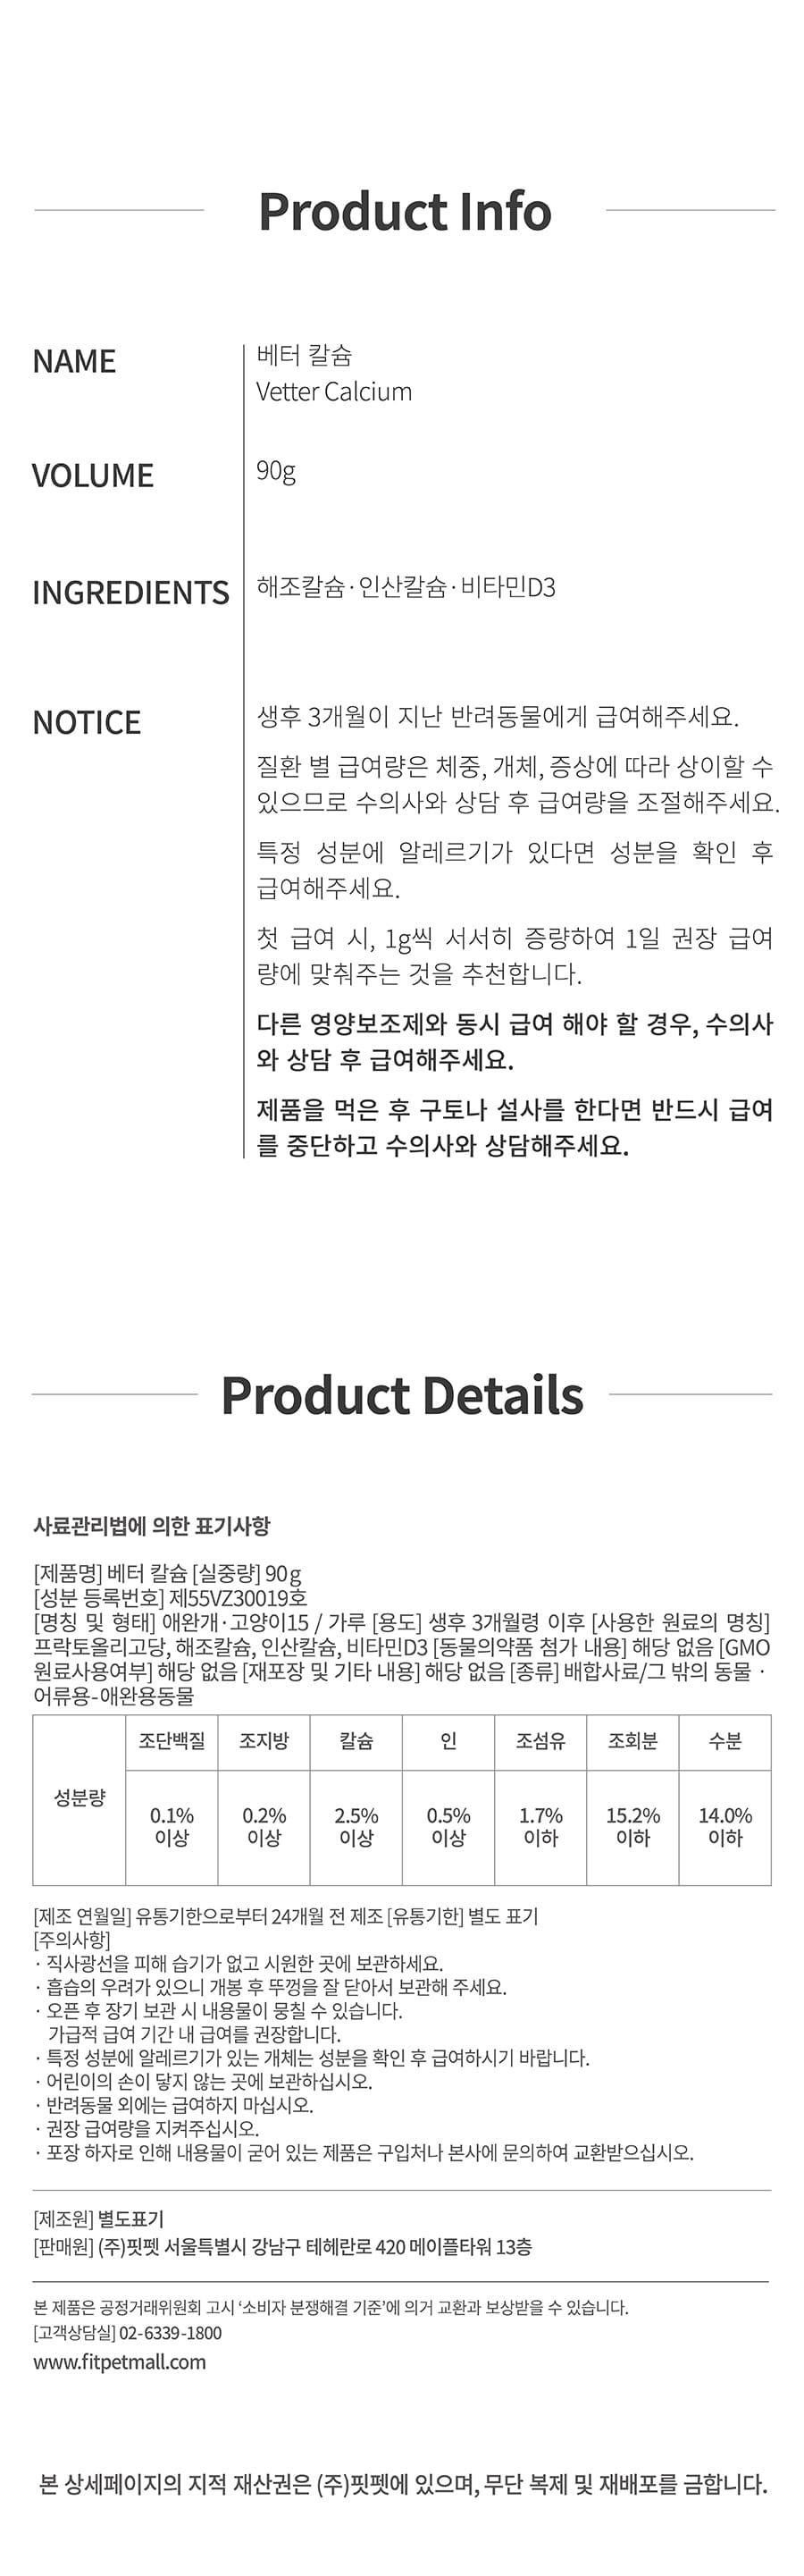 Vetter 댕냥이 영양 파우더 11종 (관절/피부/안정/눈/장/소화)-상품이미지-40